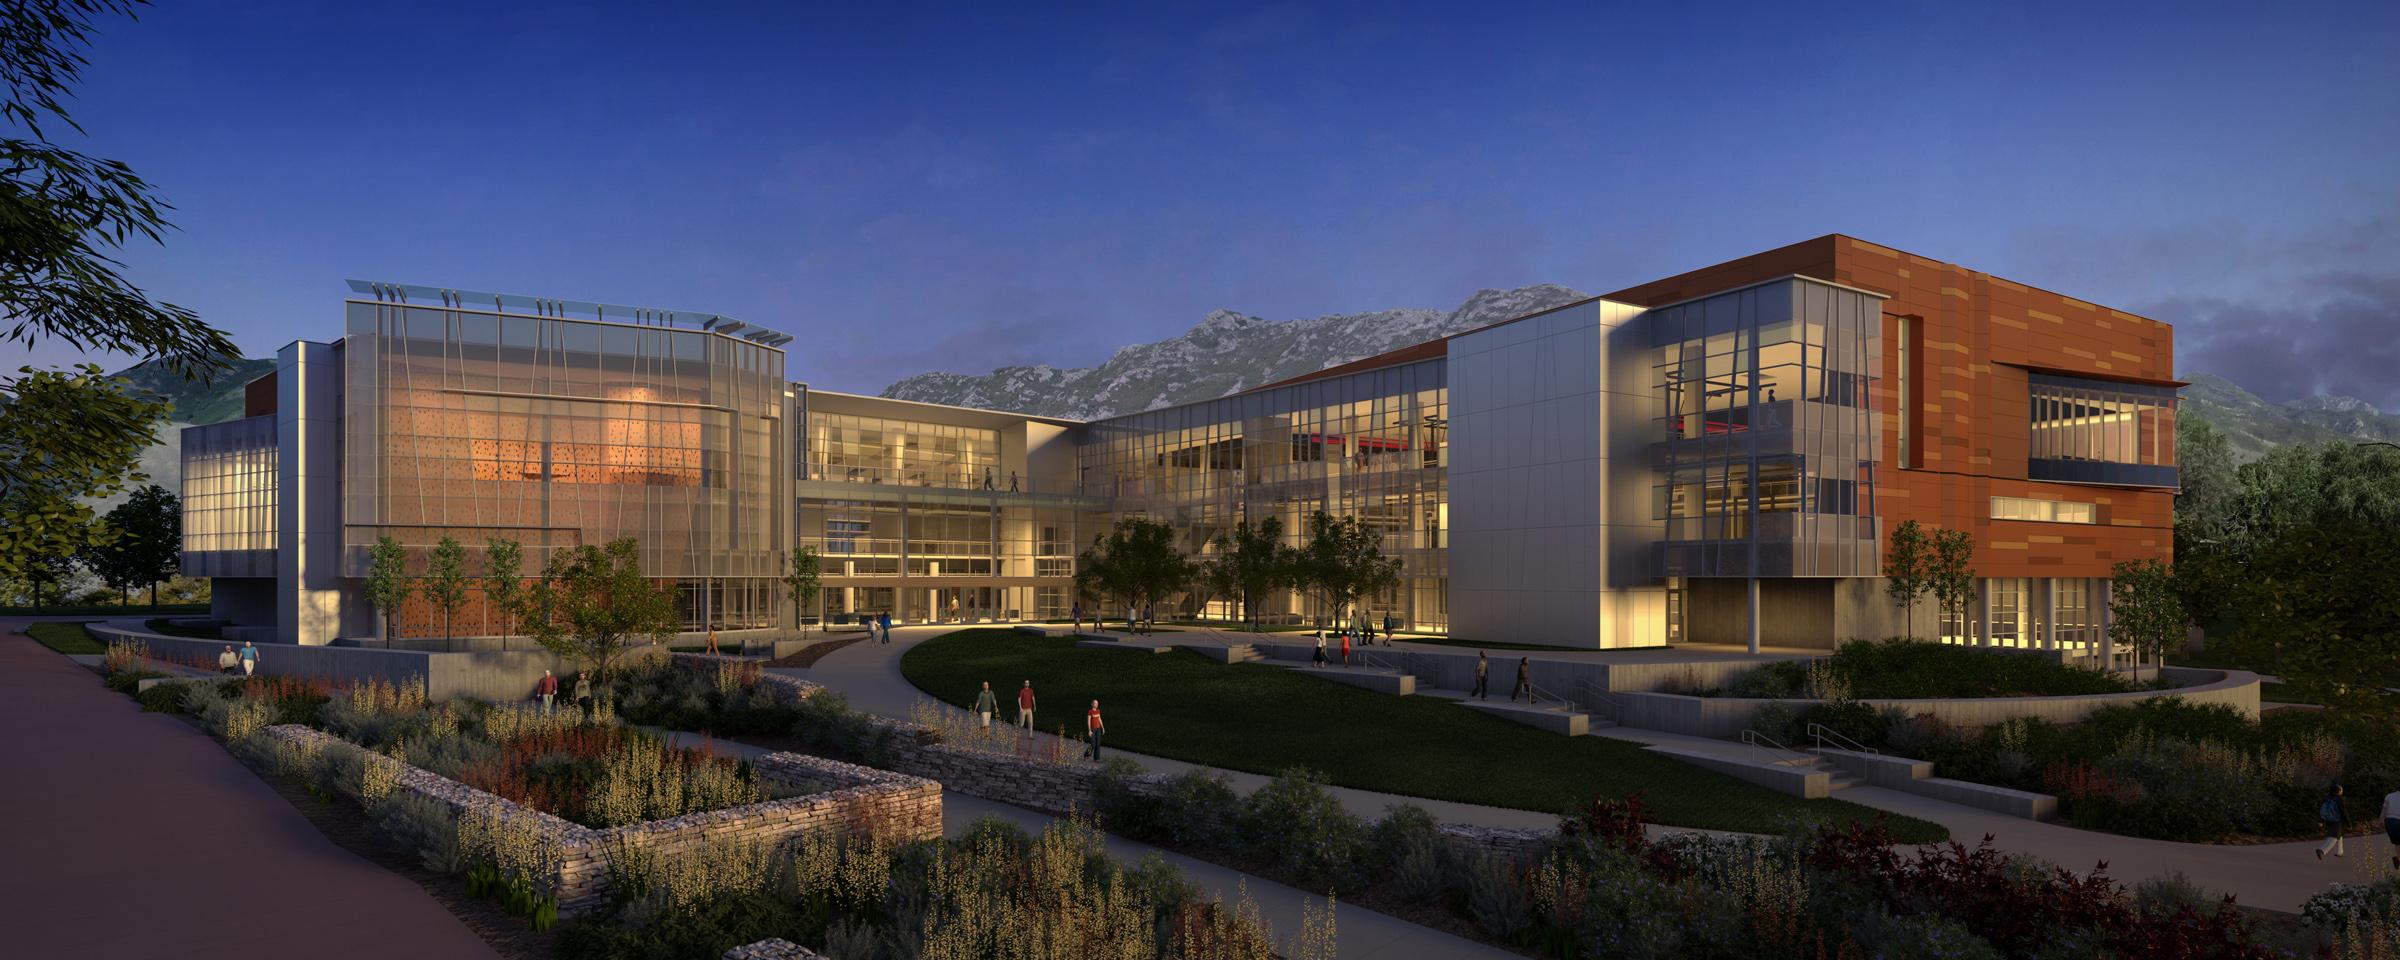 Student-Life-Center-from-HPER - Building Salt Lake